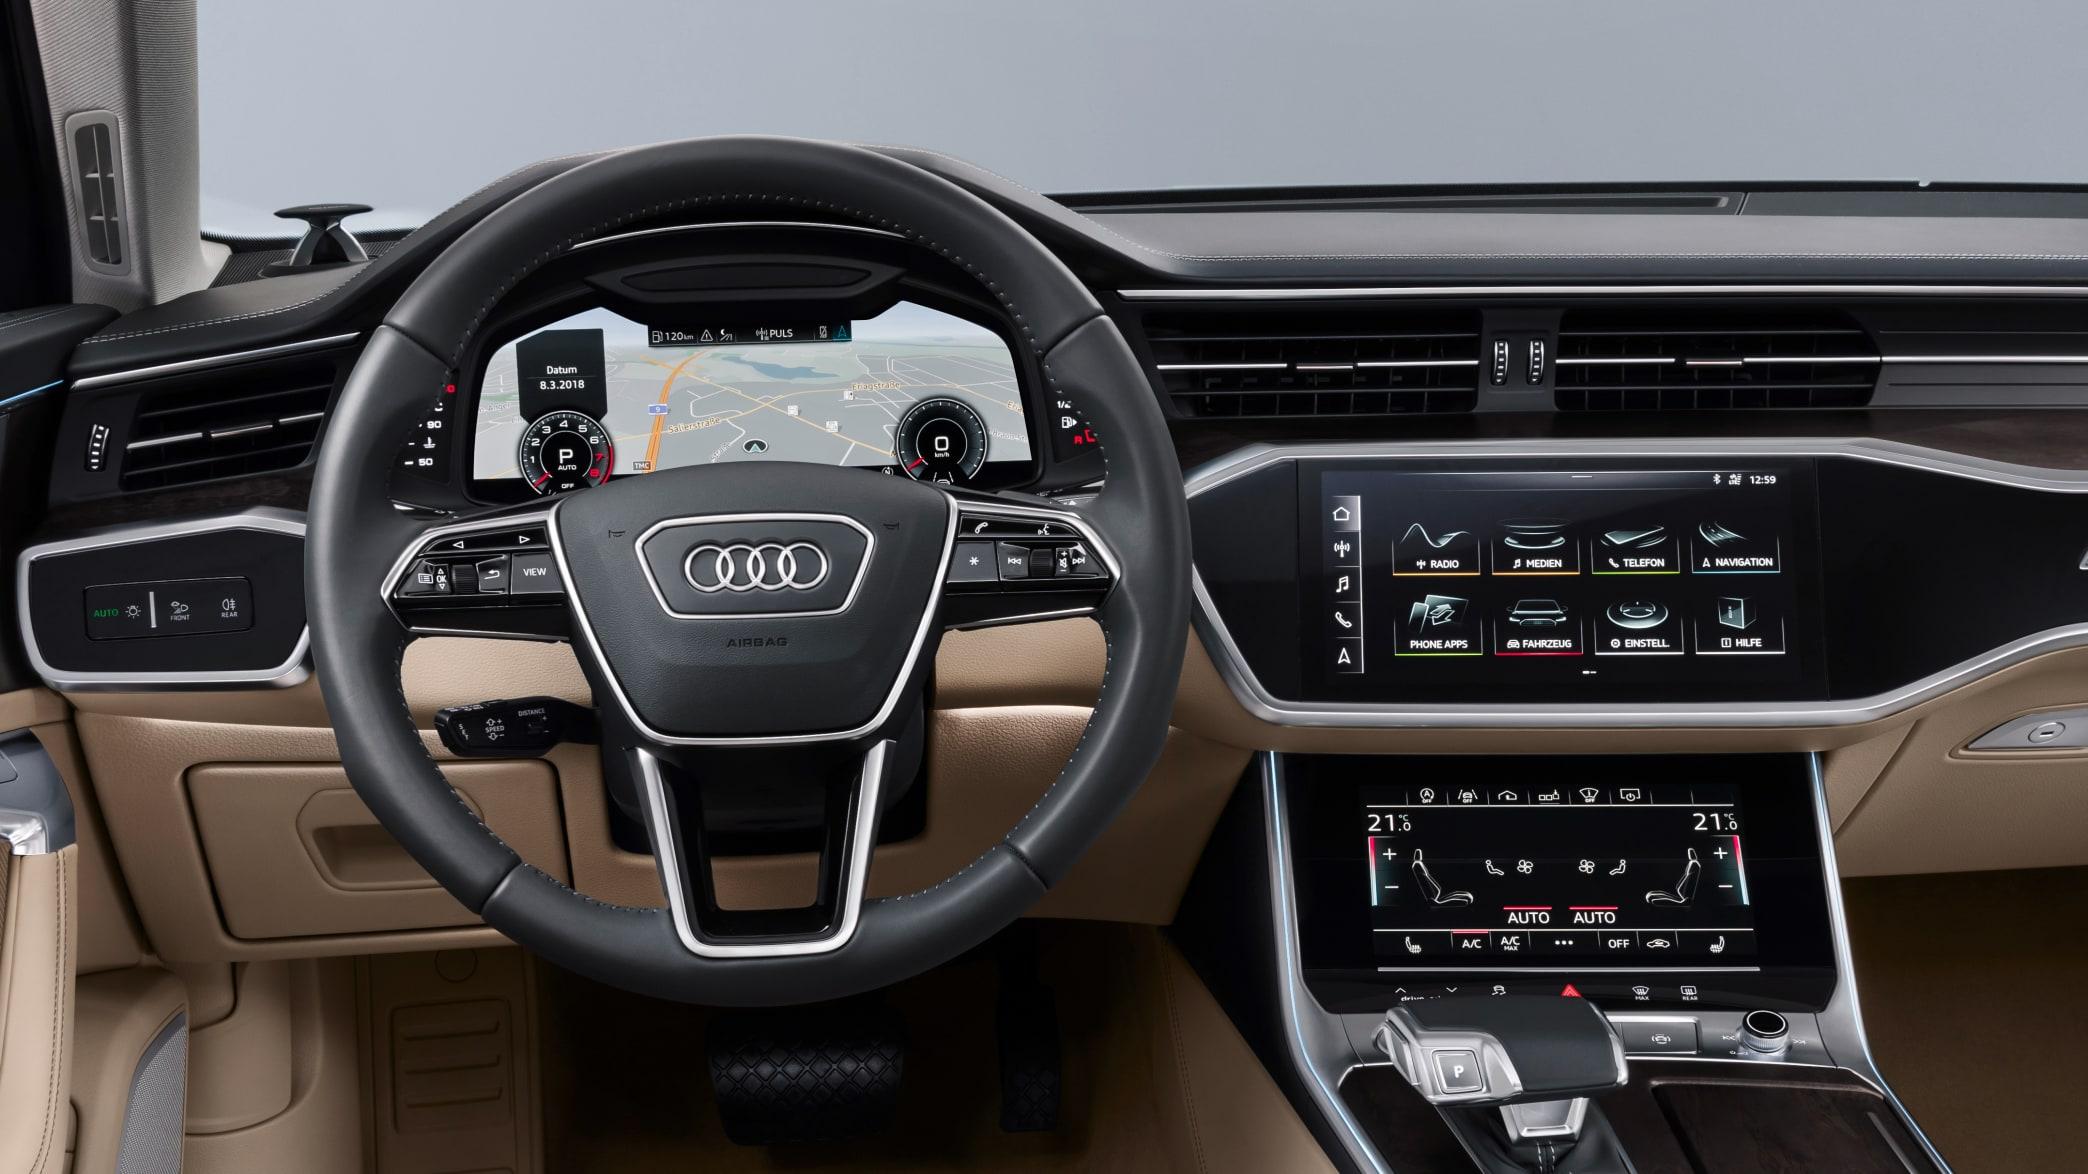 Audi A6 Cockpit